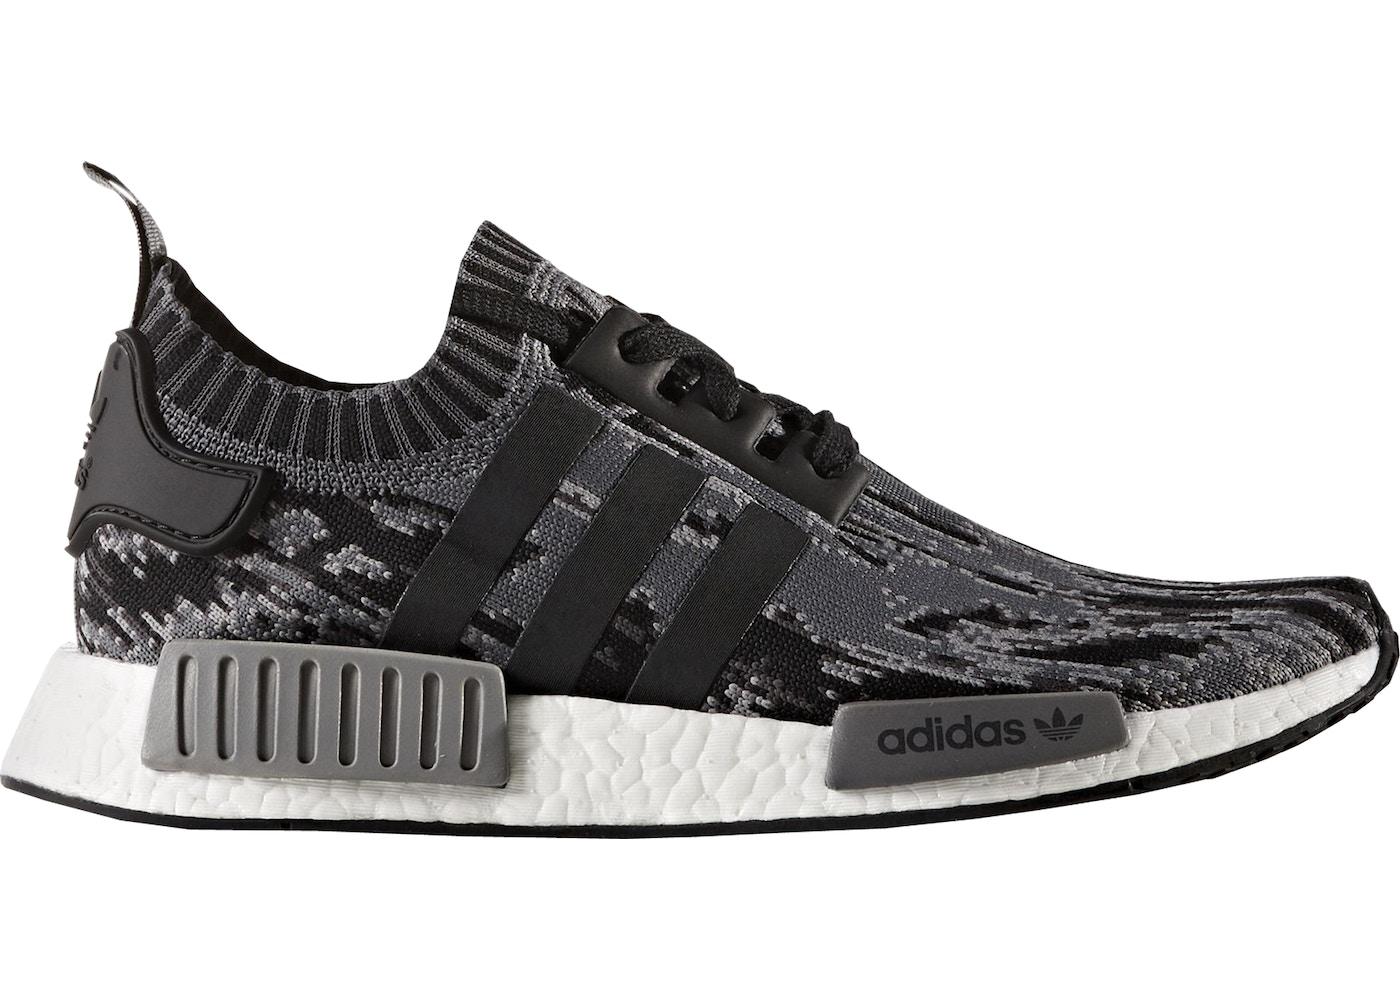 size 40 78b85 b54a7 adidas NMD R1 Core Black Grey Three